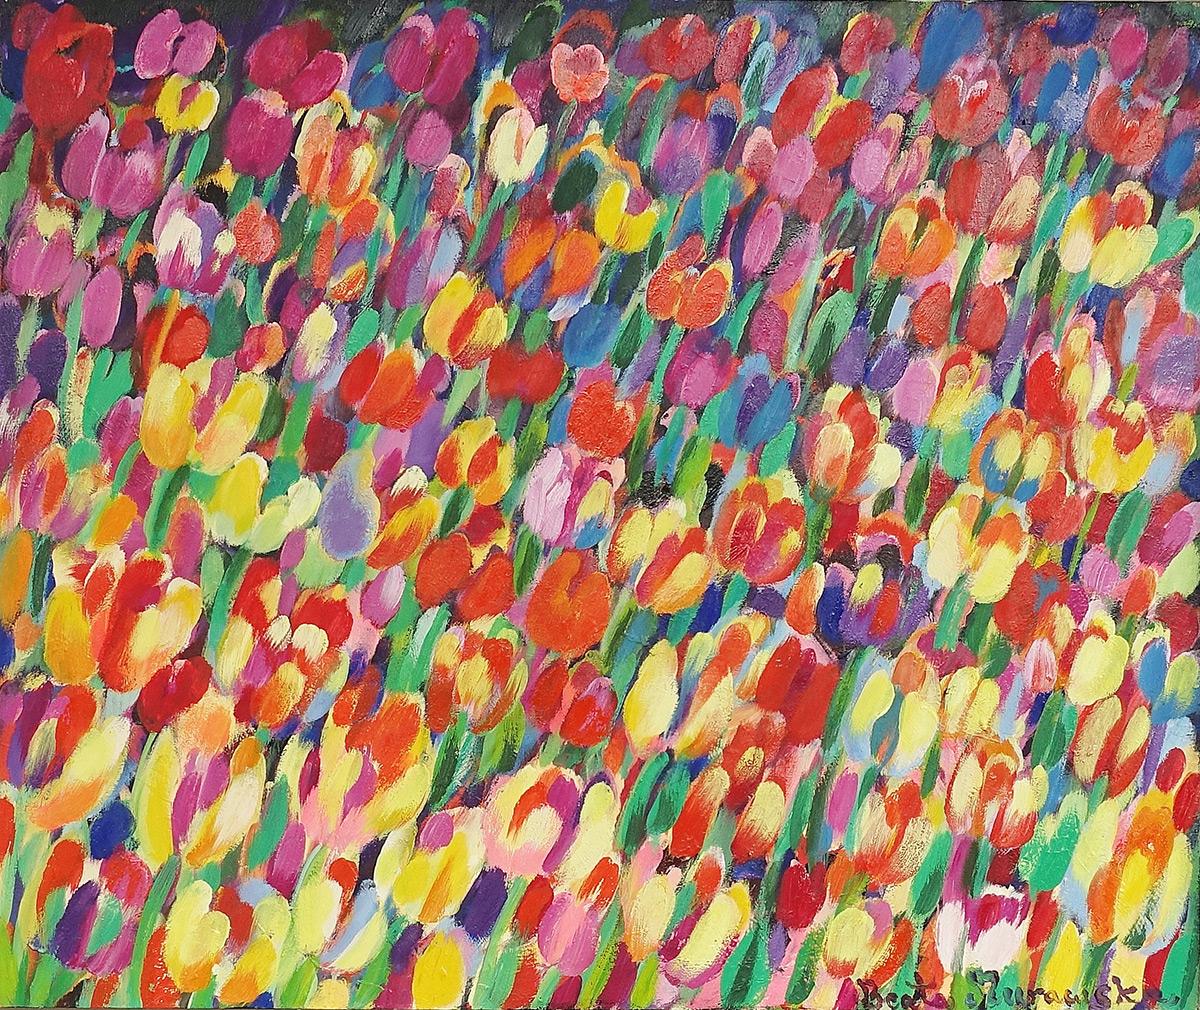 Beata Murawska : Tulip madness